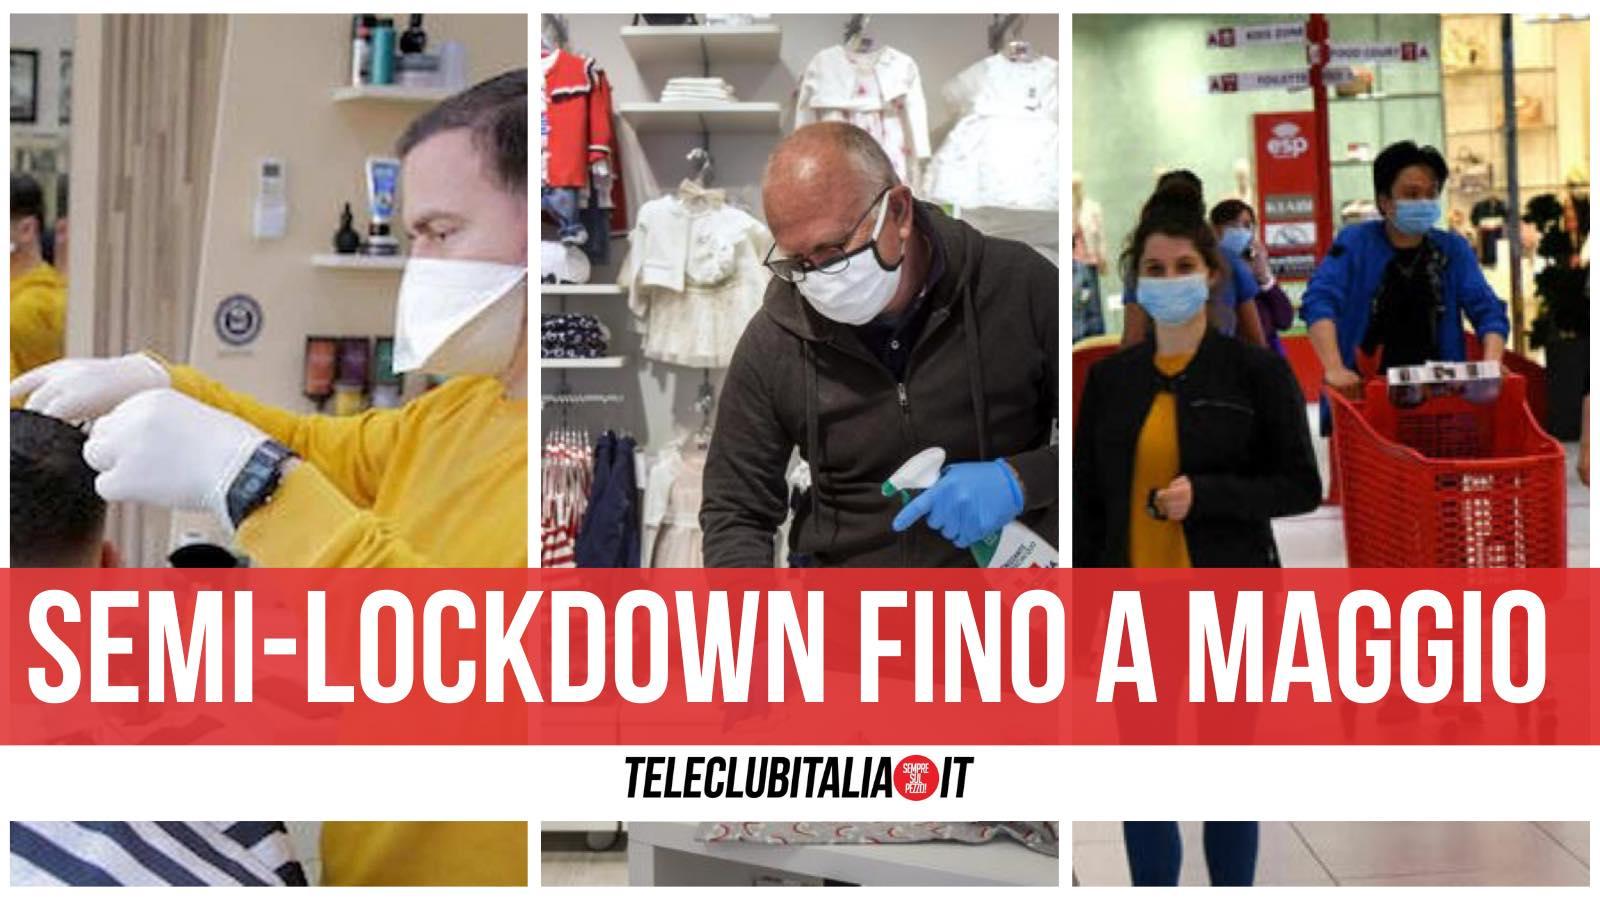 chiusure fino a maggio regole italia lockdown